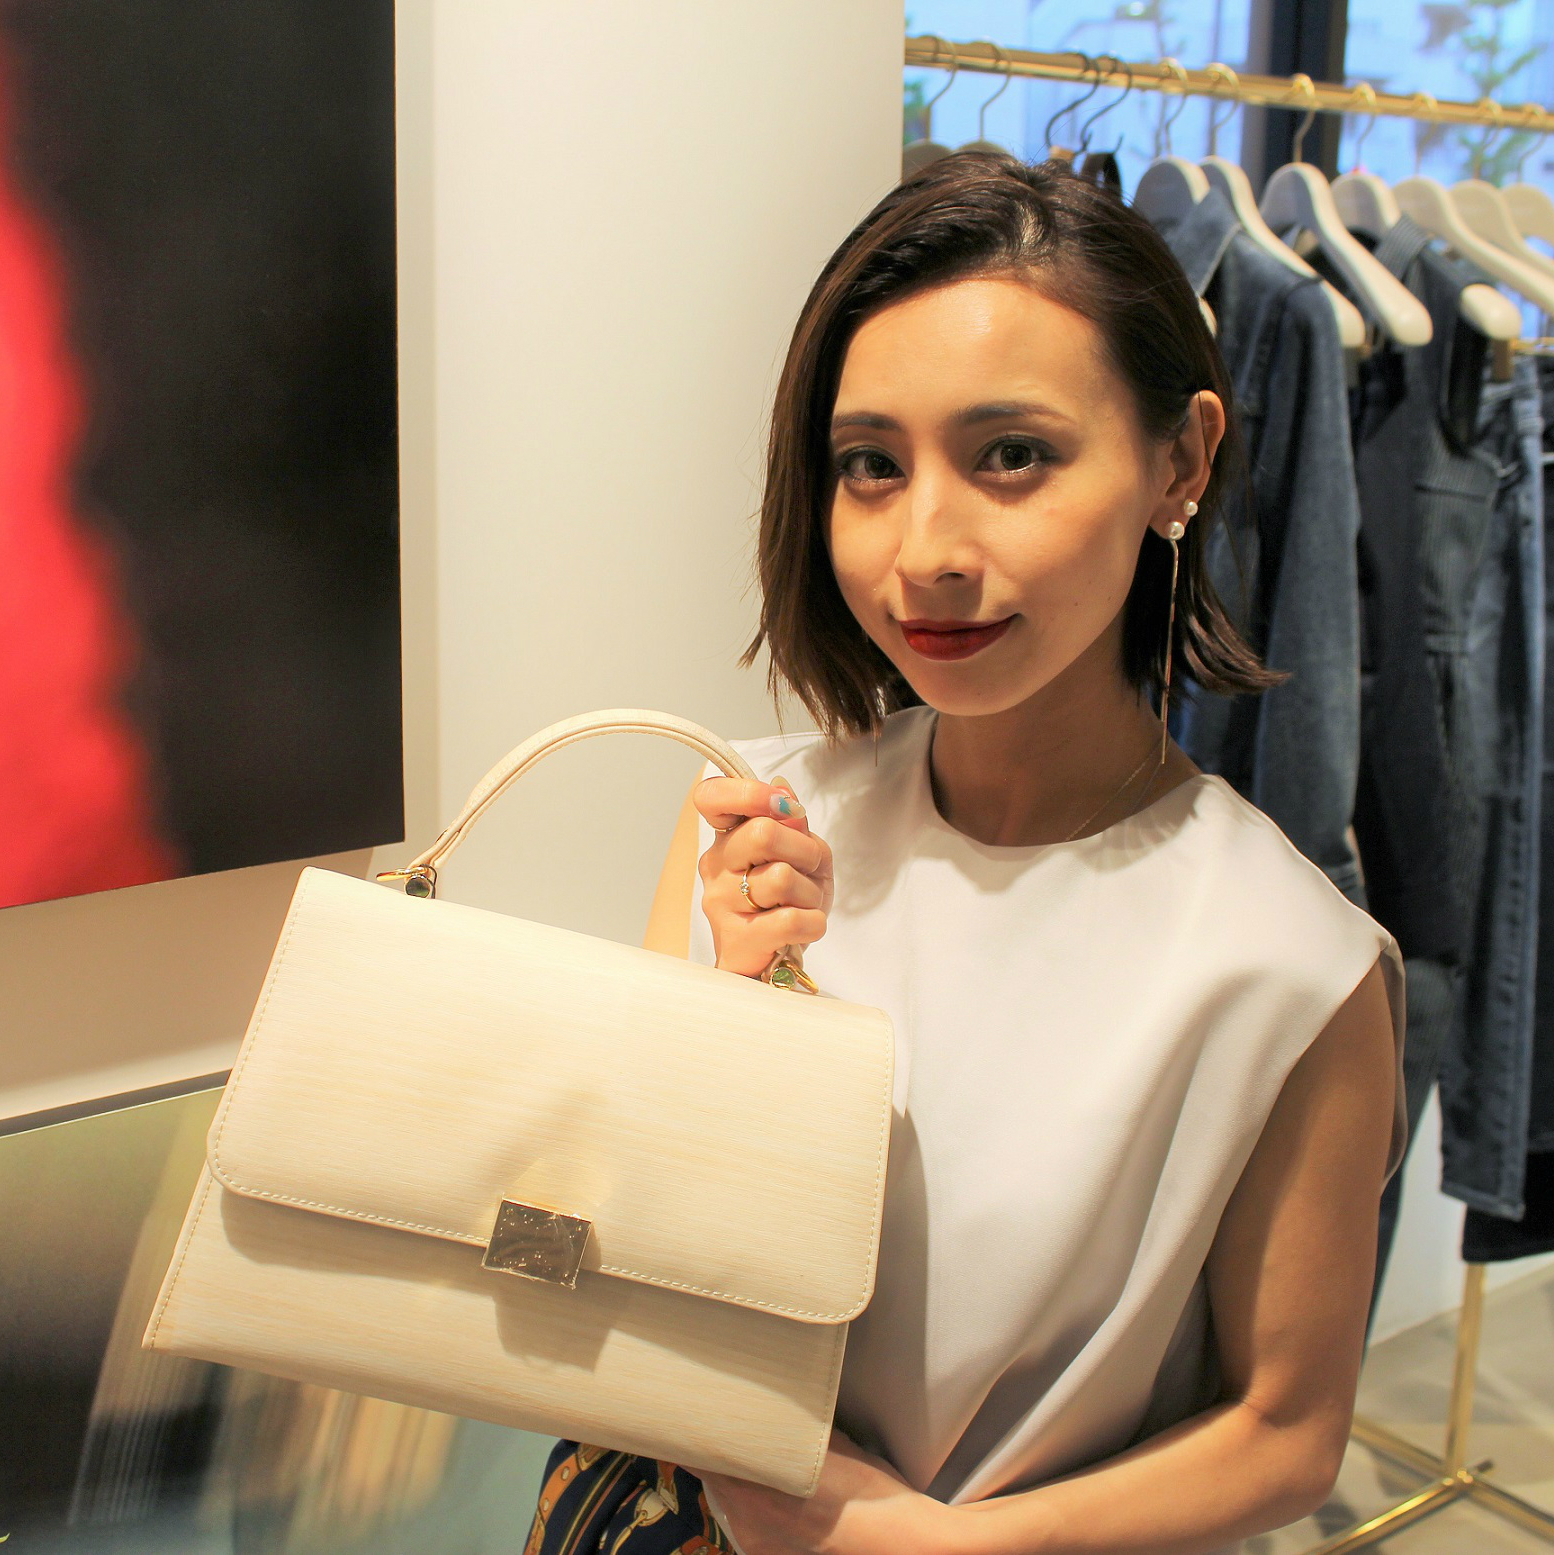 トレンド×ヴィンテージの最新ファッションブランド「Ameri VINTAGE」が代官山店にオープン!